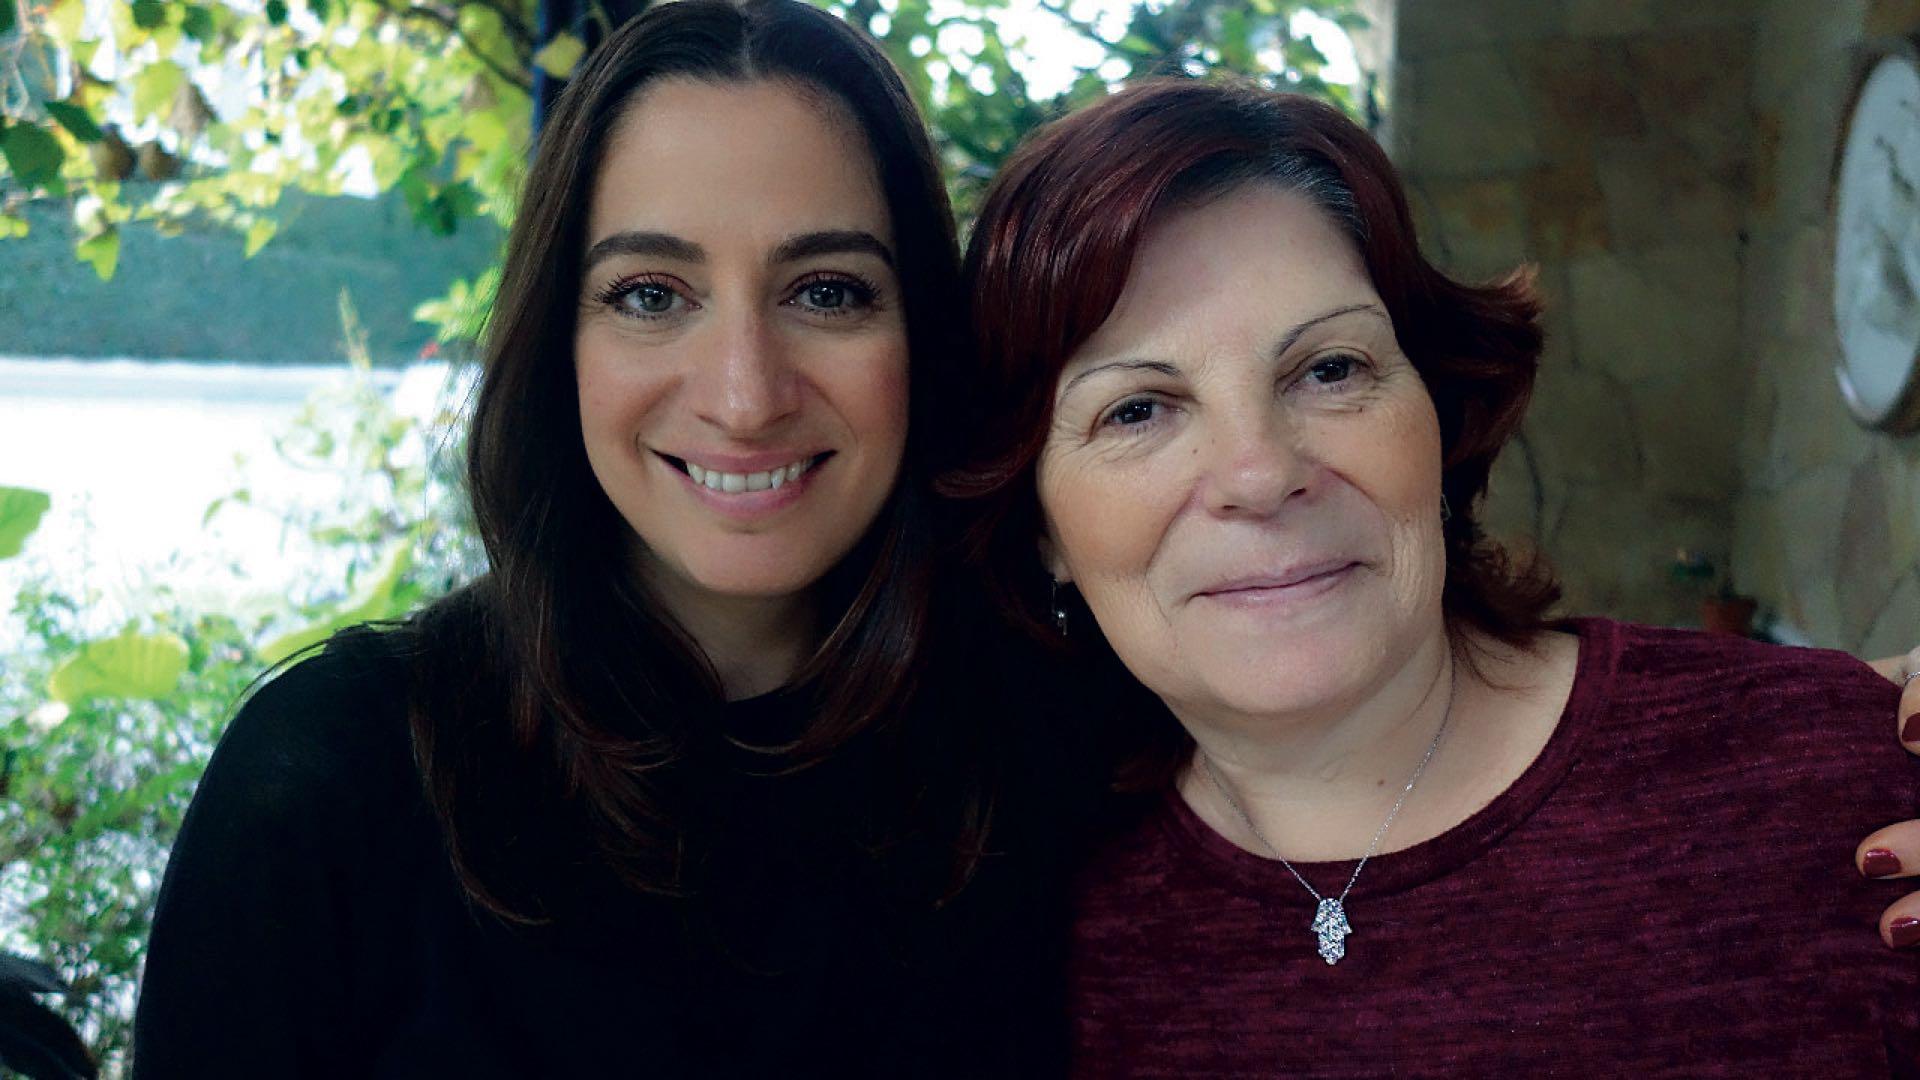 Muriel Santana interpreta a Olga en la serie.